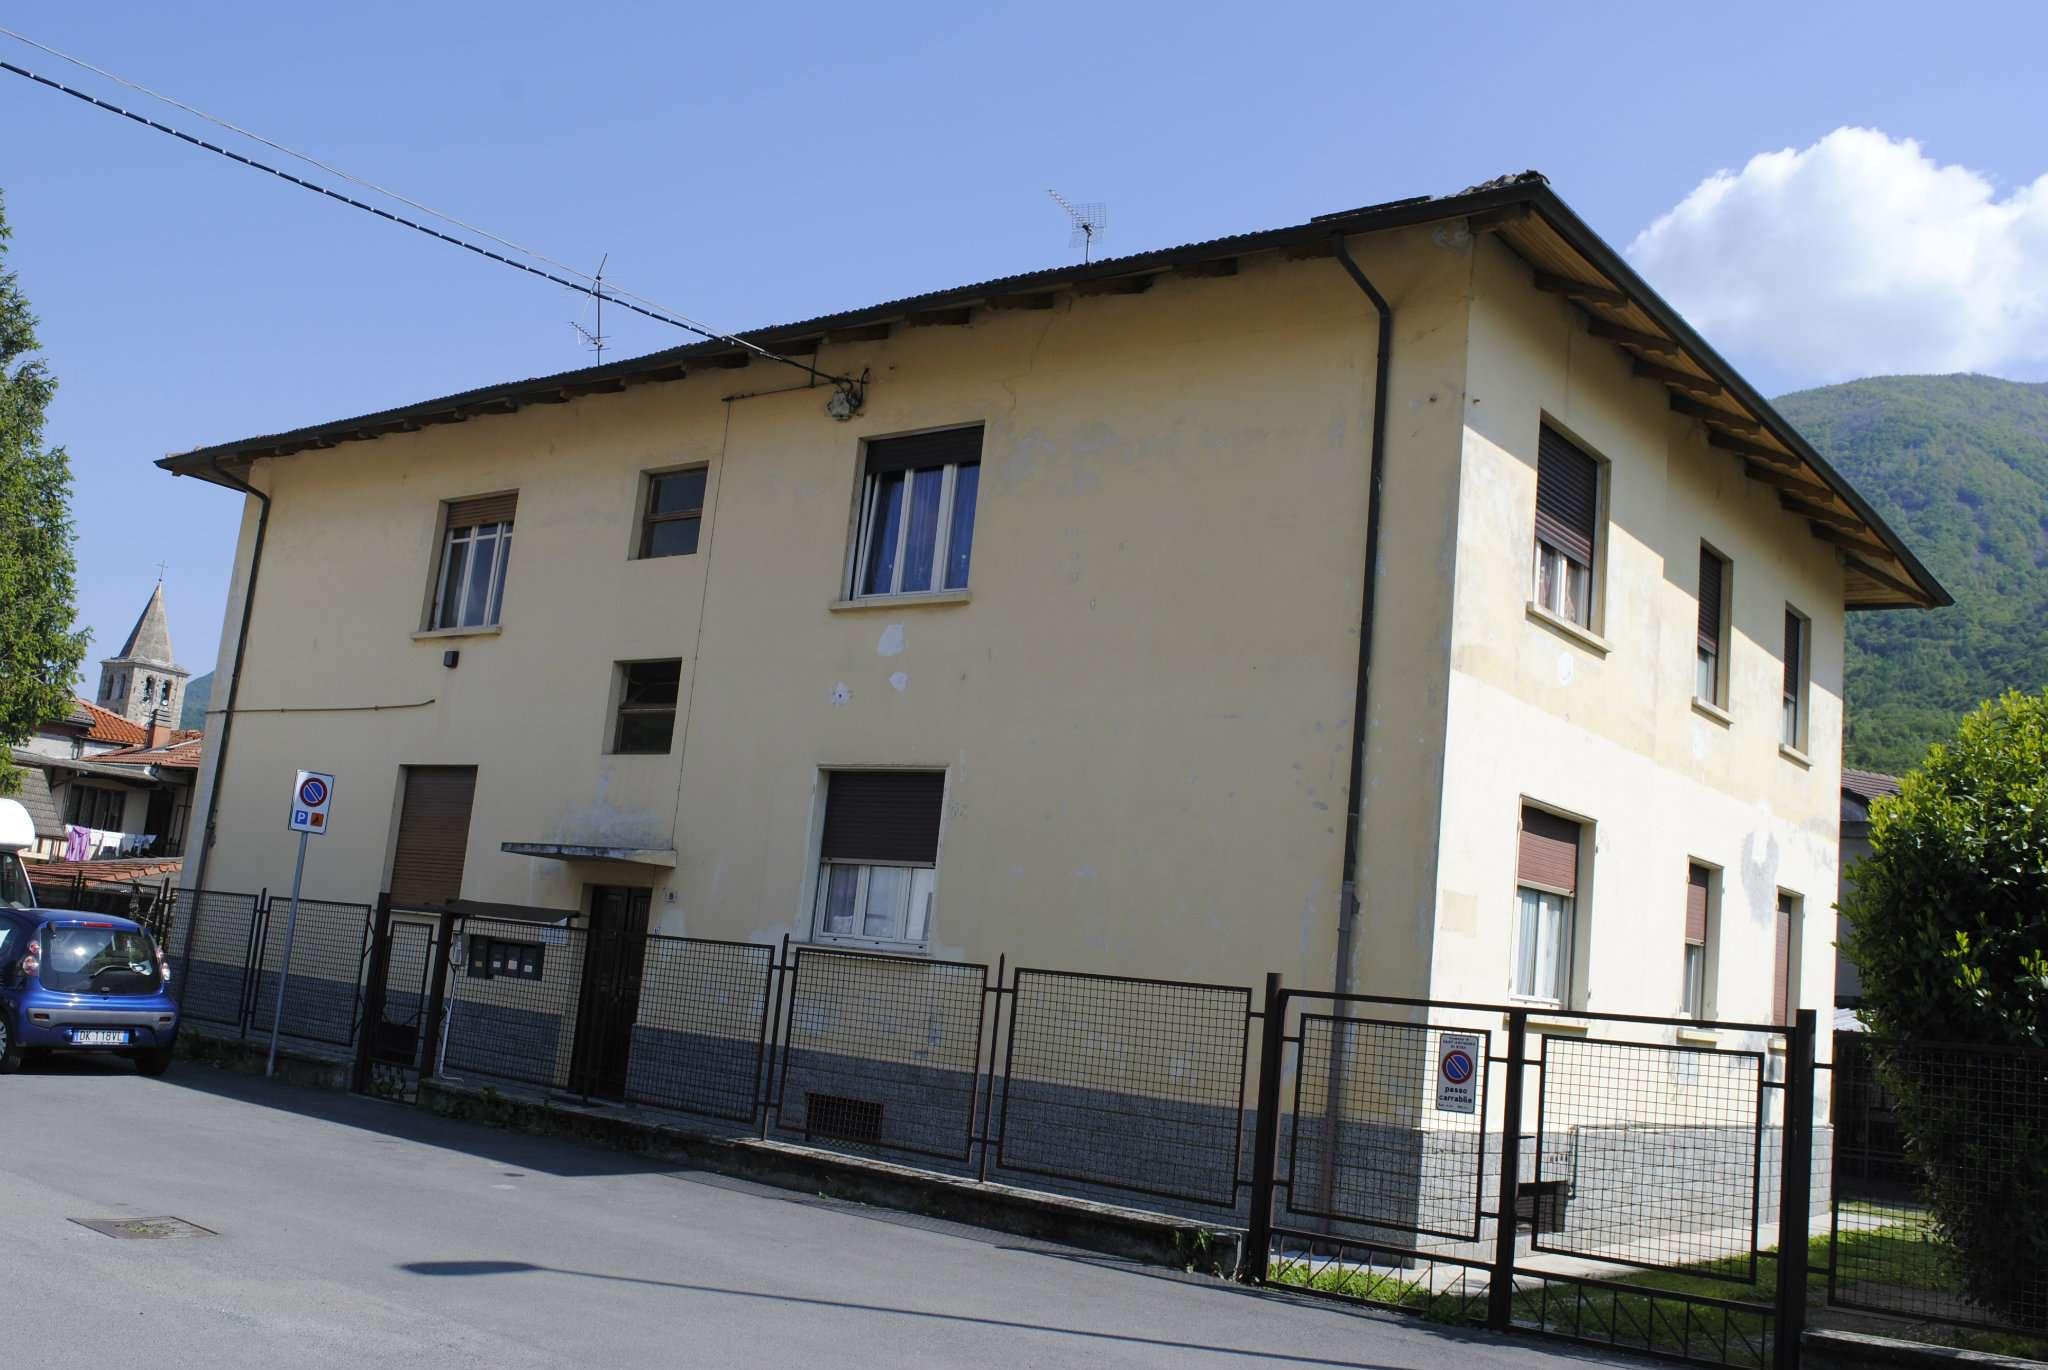 Appartamento in vendita a Sant'Antonino di Susa, 4 locali, prezzo € 135.000 | CambioCasa.it